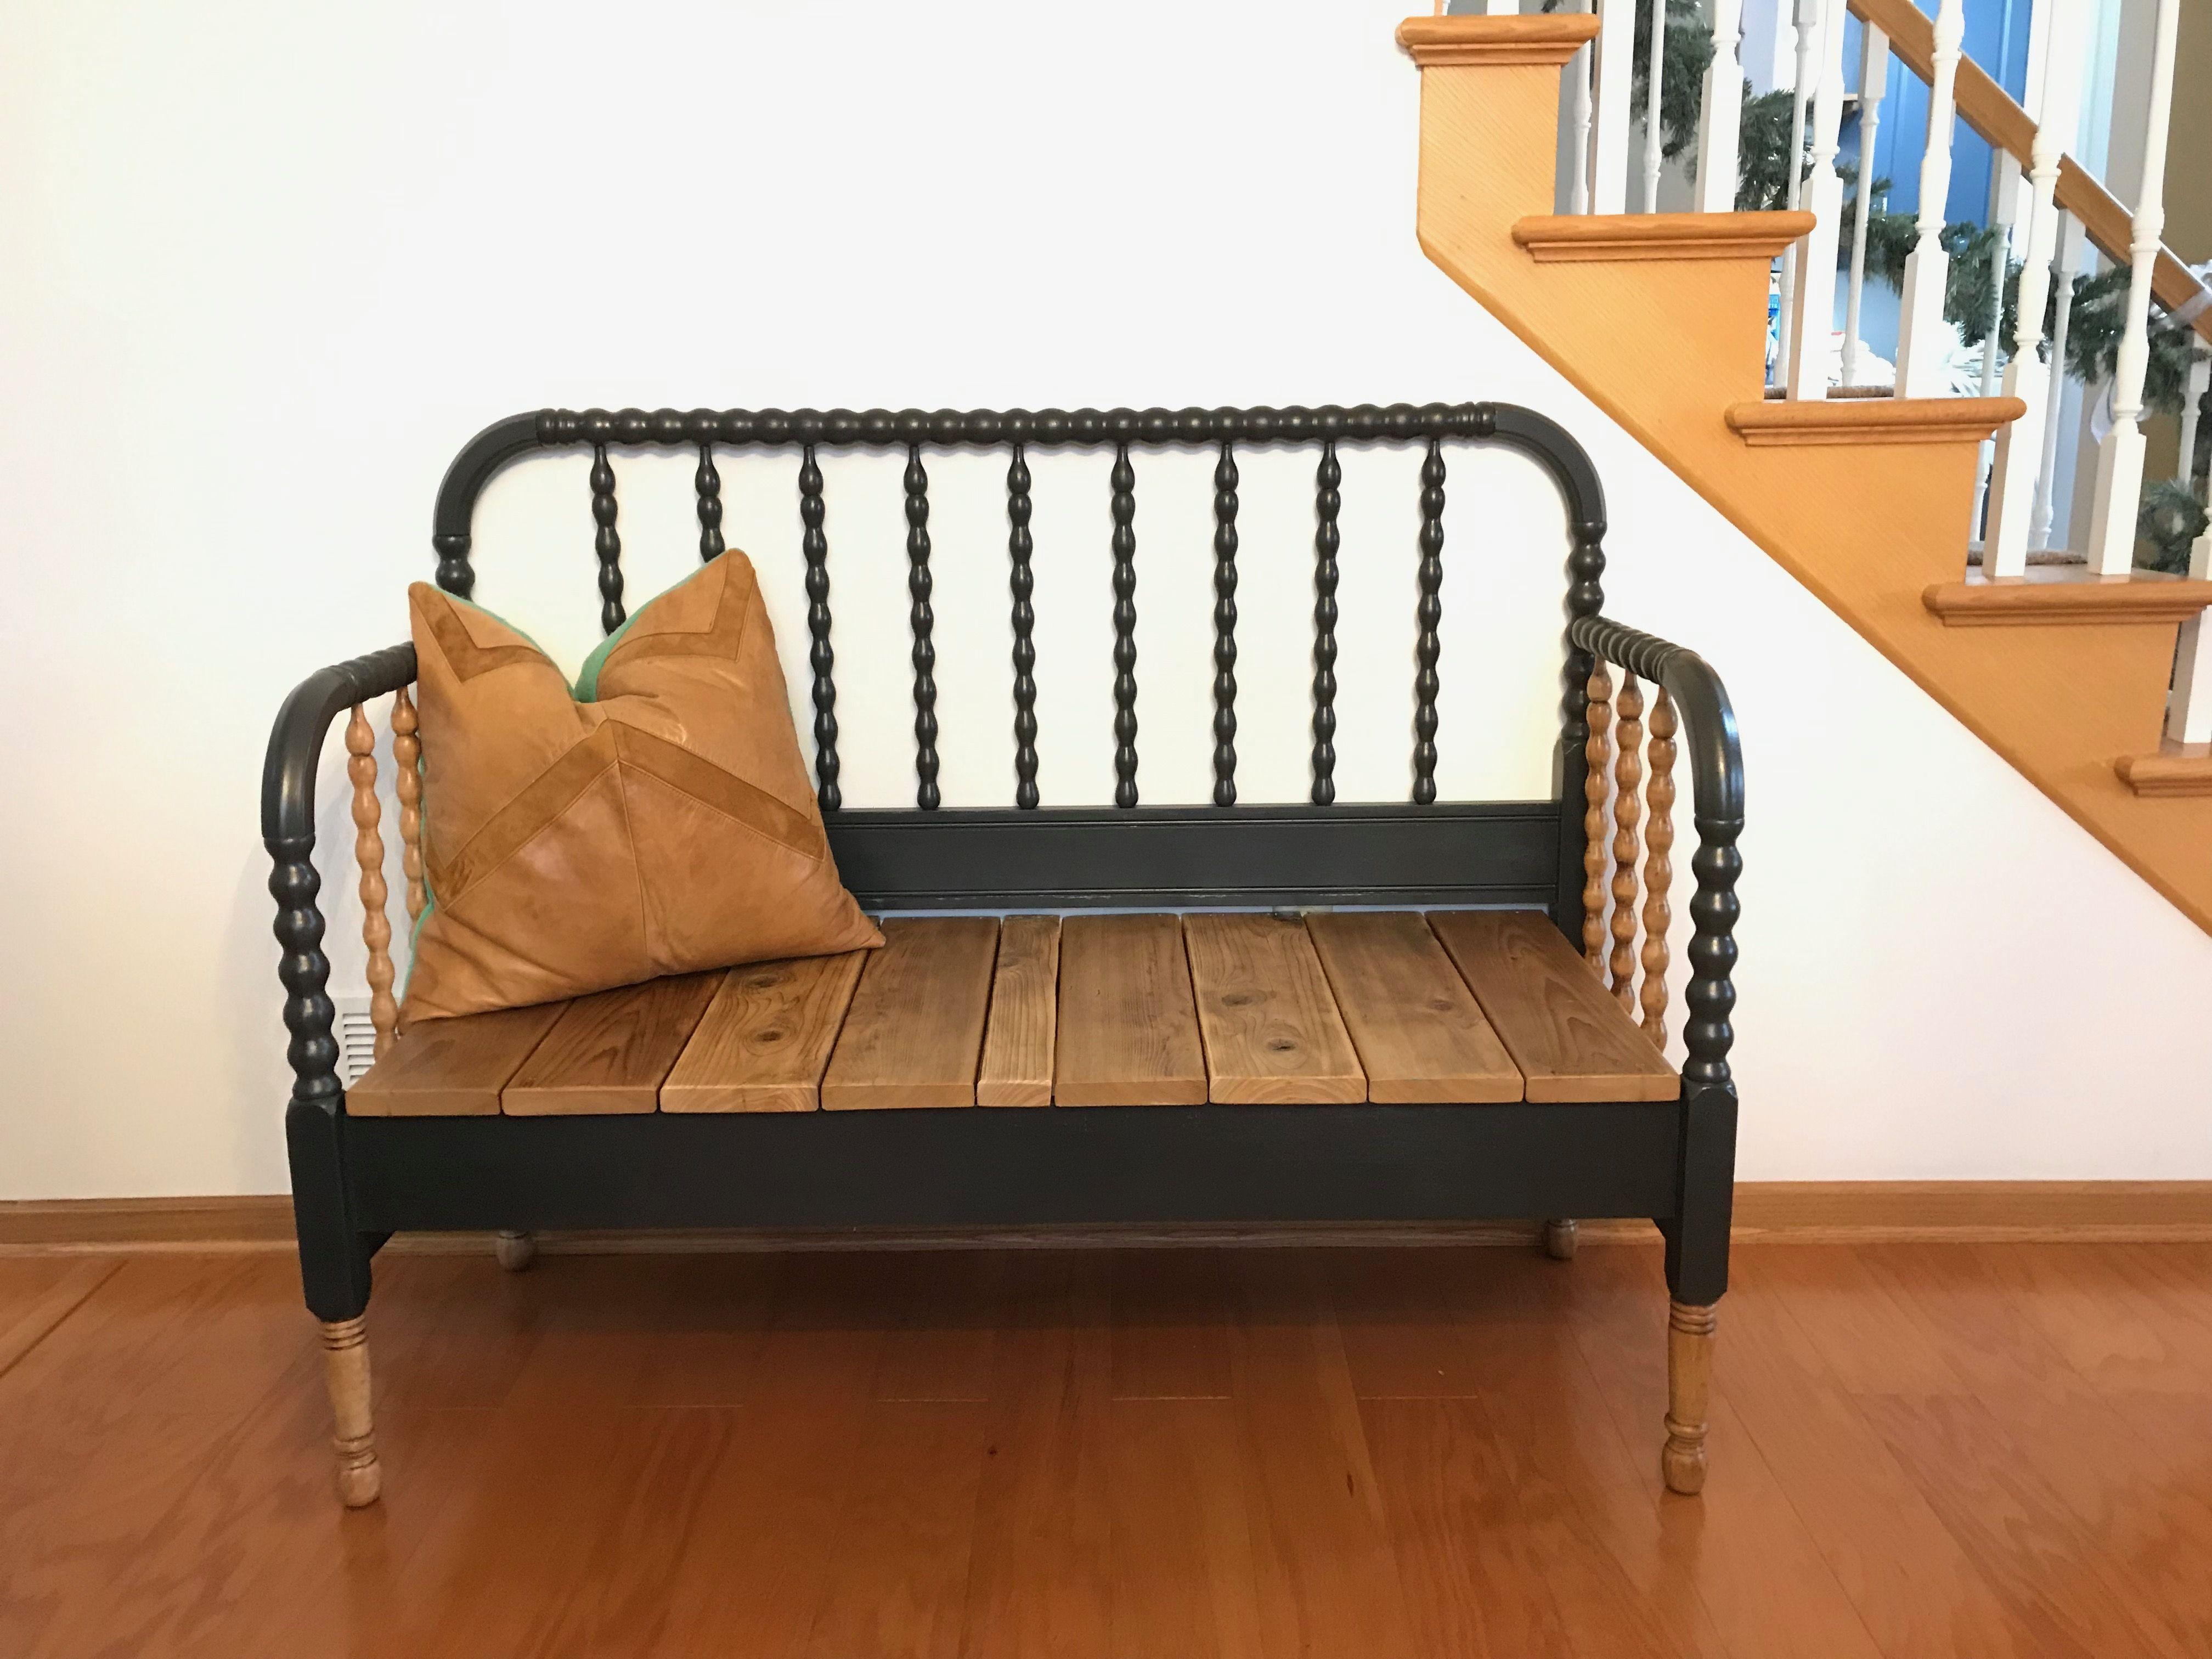 Wood Bench Jenny Lind Twin Bed Frame Natural Wood Annie Sloan Graphite Satin Spar Urethane Sealer Bed Frame Bench Natural Wood Bed Twin Bed Frame